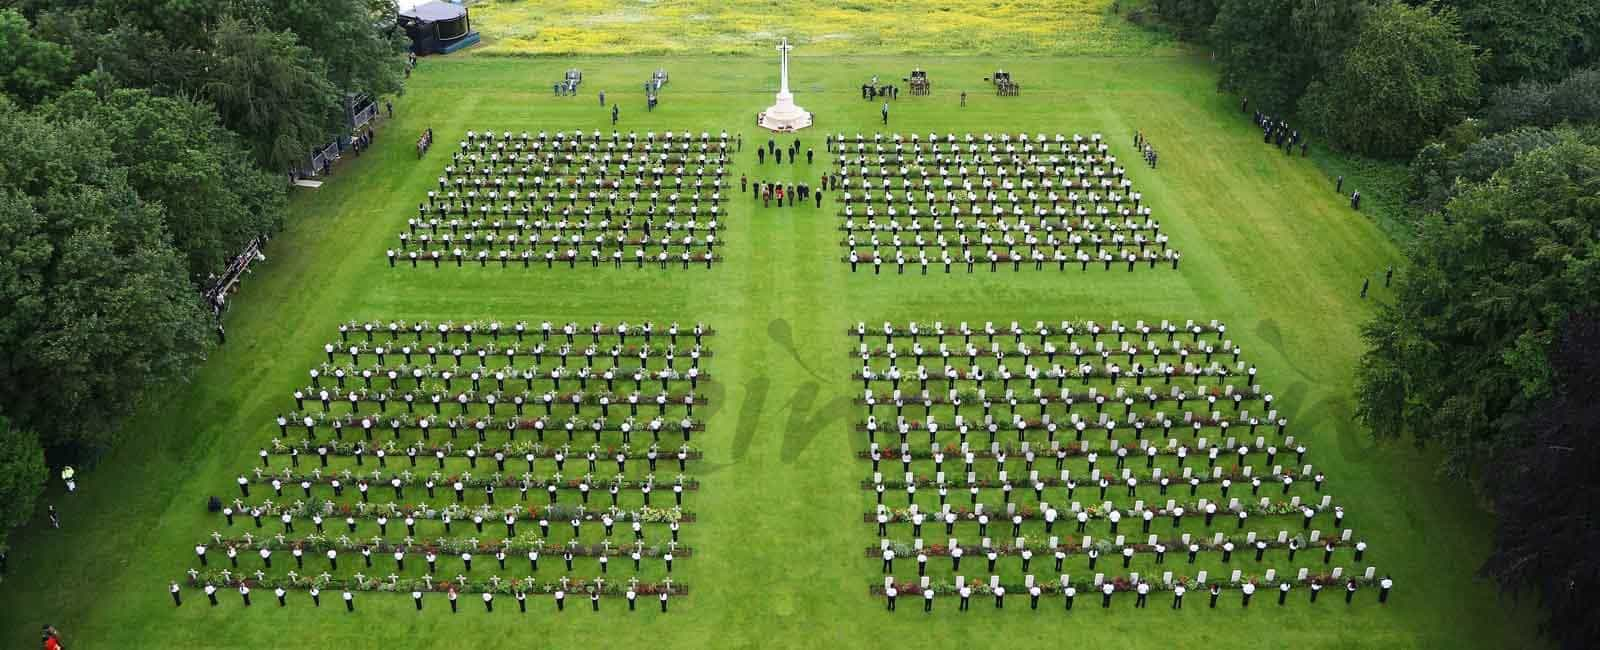 La Familia Real Inglesa, en el 100 aniversario de la batalla de Somme